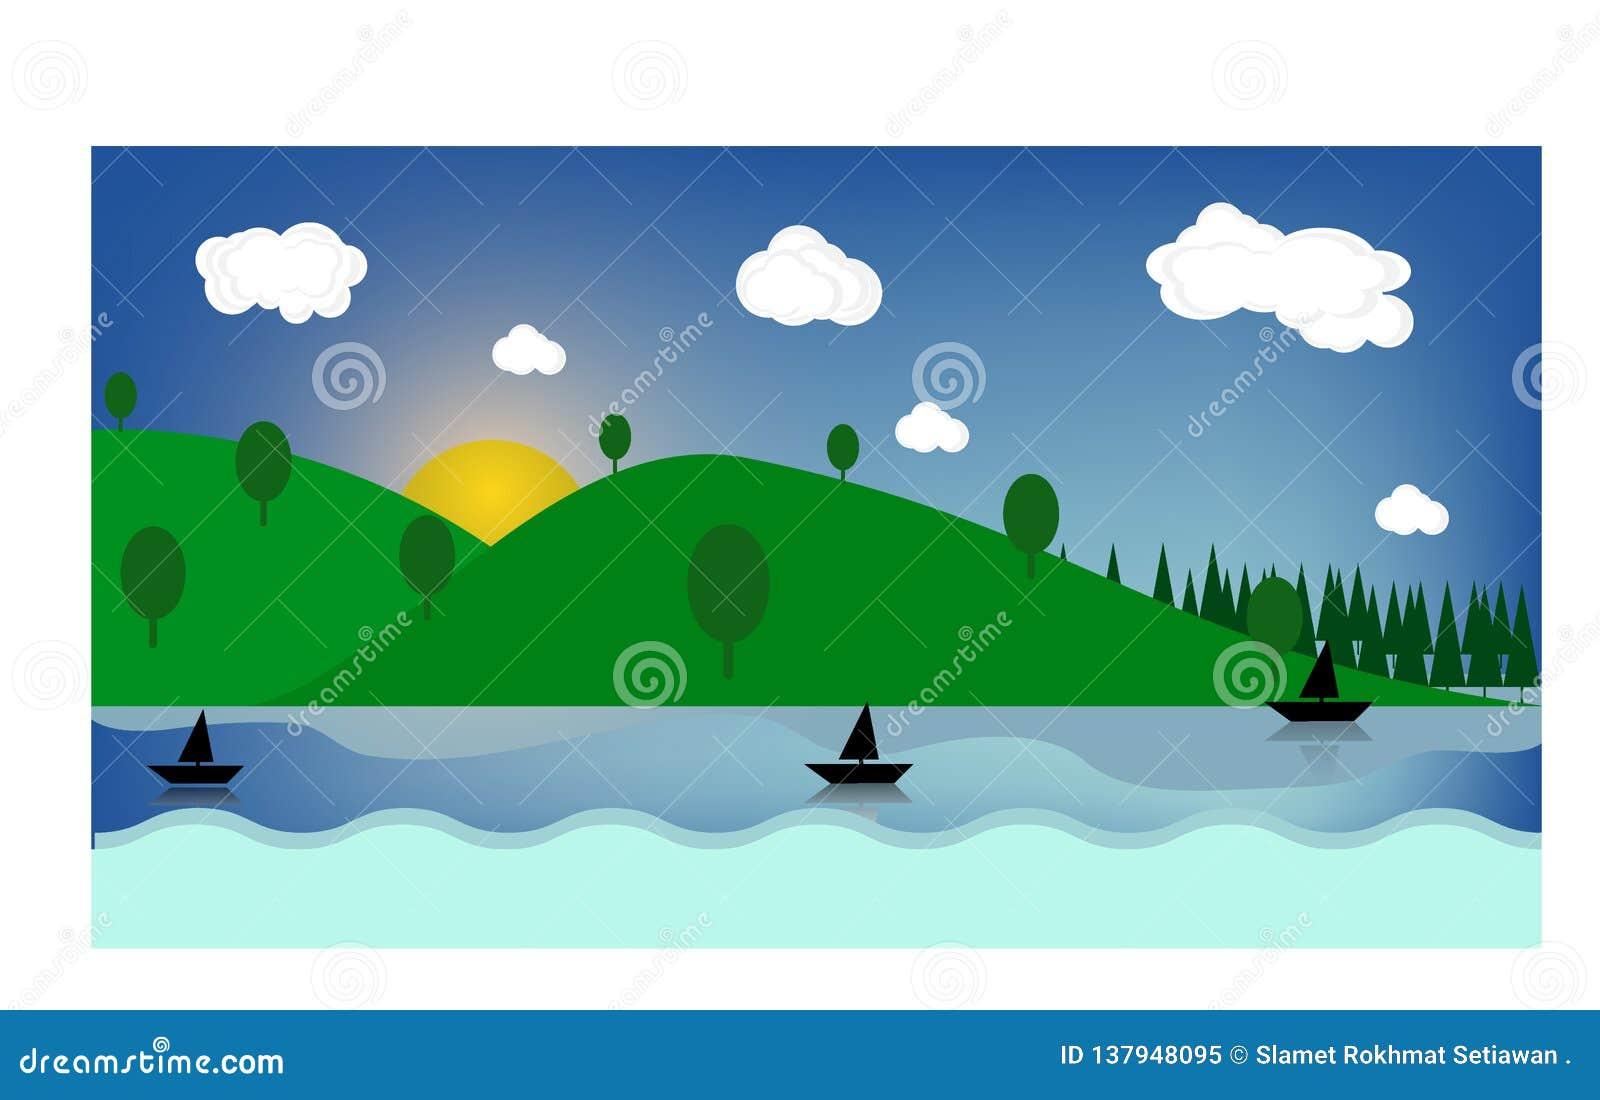 Helle Felder des bunten sonnigen Sommers, Hügel gestalten, grünes Gras, klarer blauer Himmel mit Wolken und Sonne, flaches Artvek